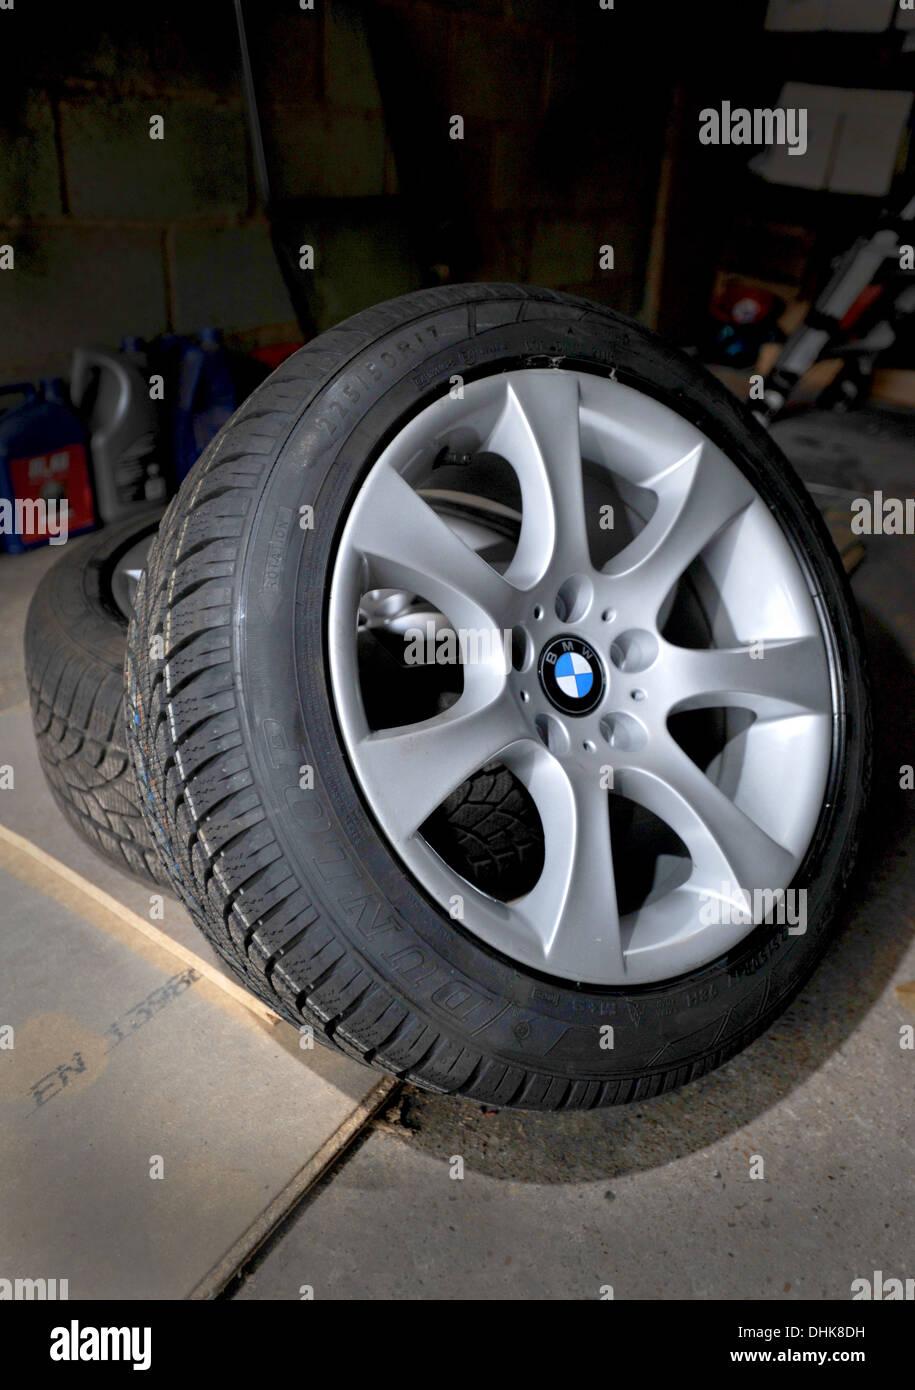 Neue Kälte Winterreifen (CWT) auf auf BMW Alufelgen bereit für den Einbau in ein Auto Stockbild